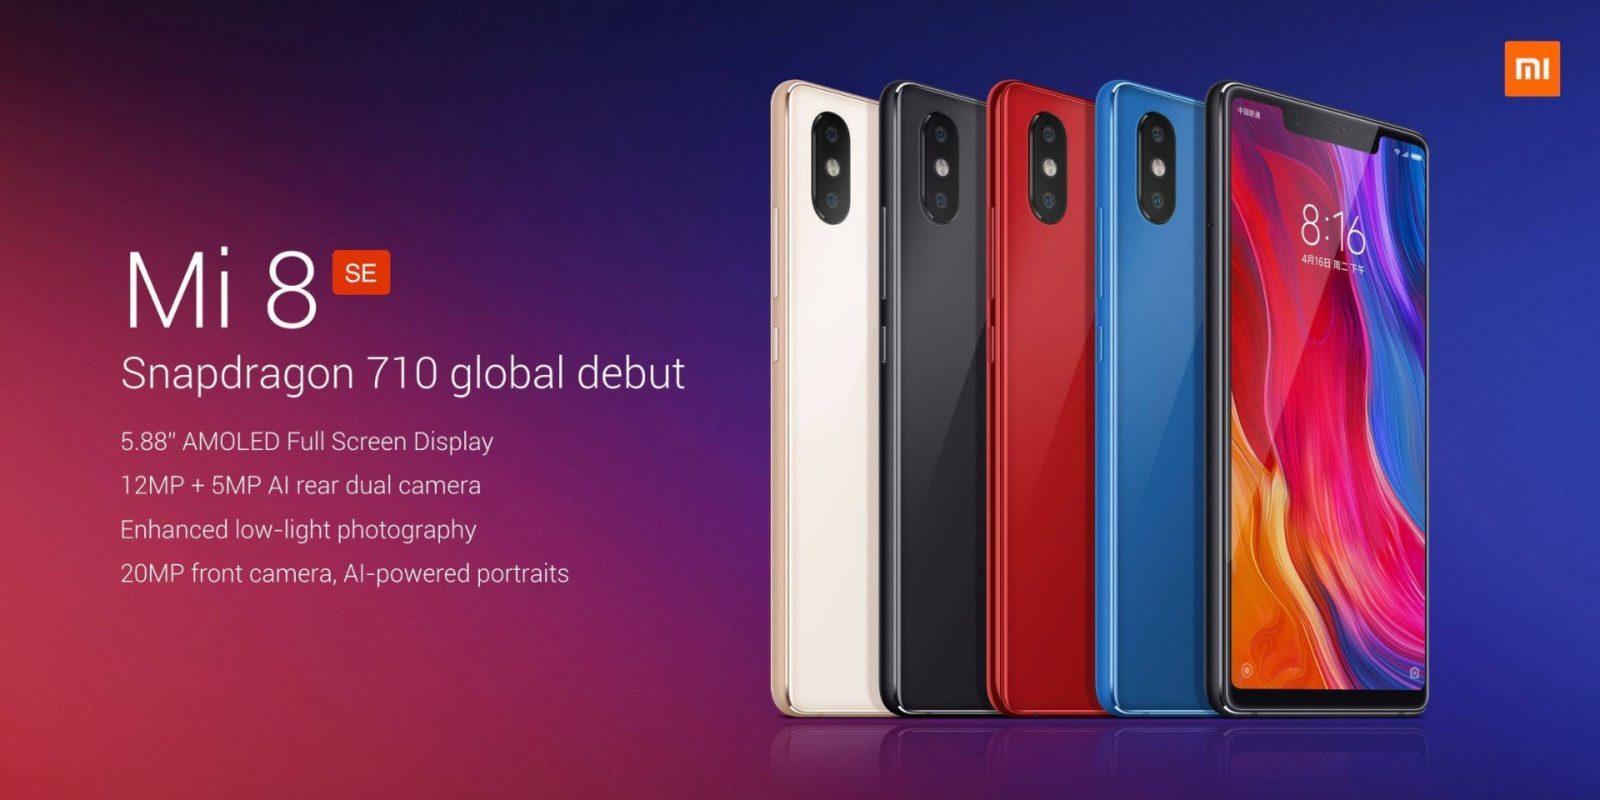 Xiaomi presenta MI8 SE | Evosmart.it